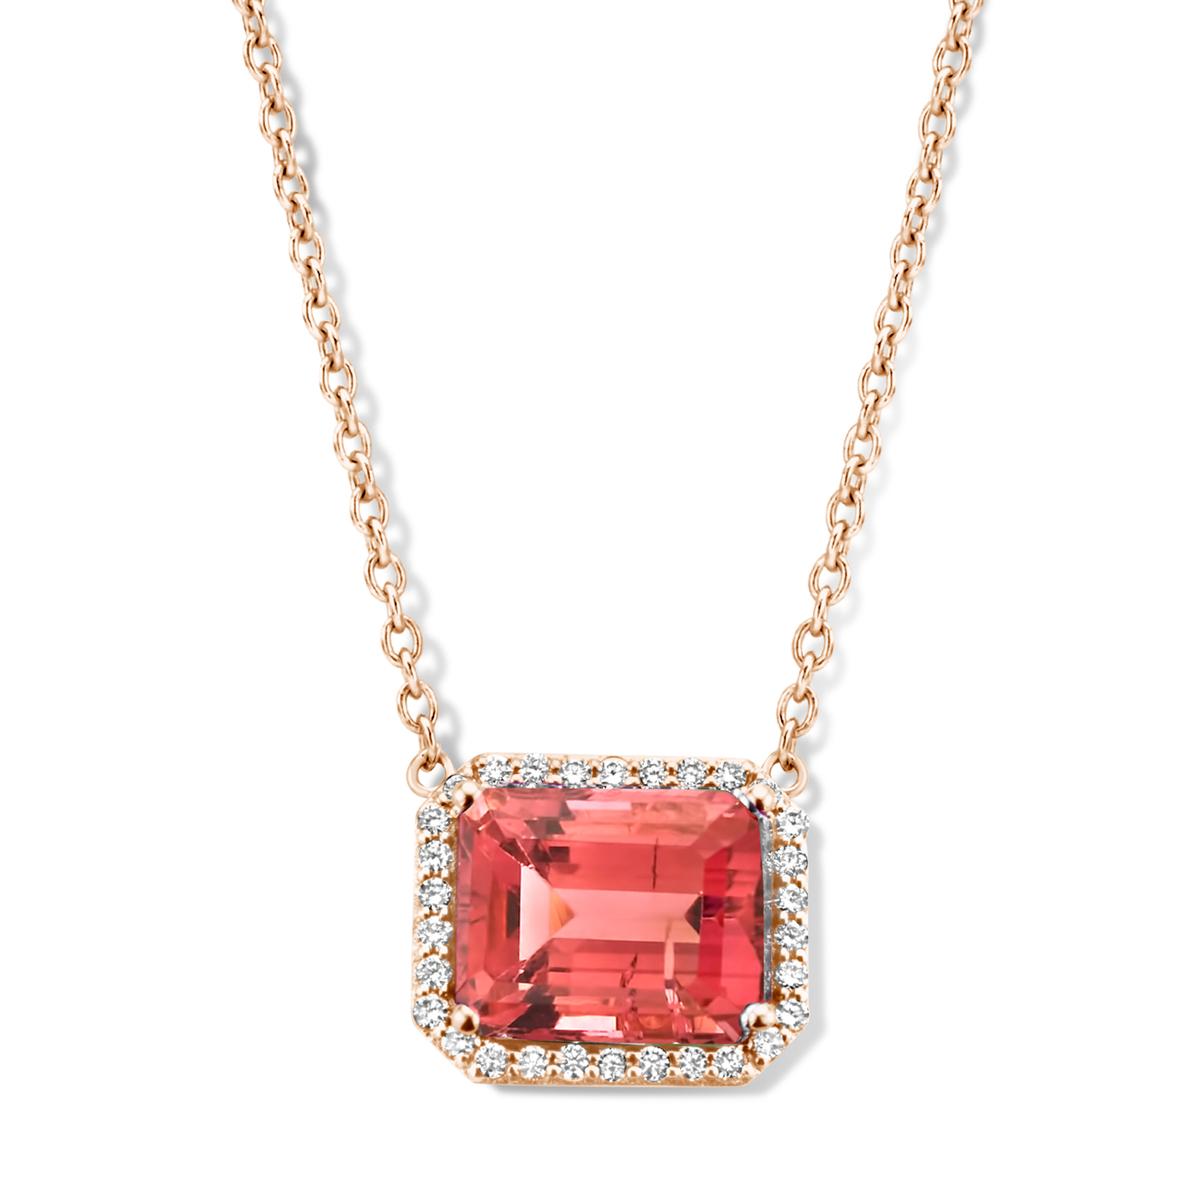 etna necklace in rose gold